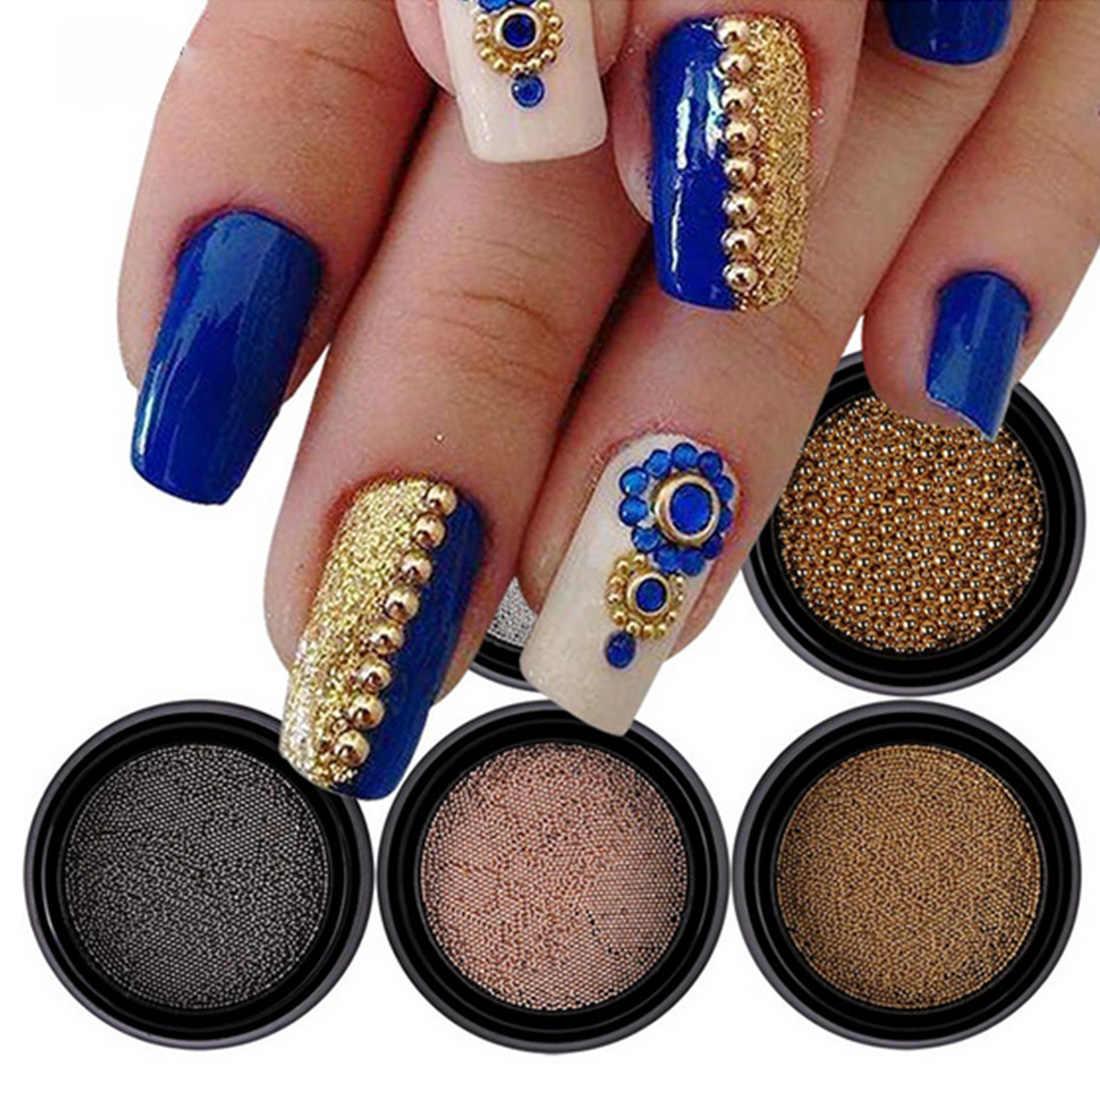 Warna Rose Gold Caviar DIY Alat Kotak Mini Kecil Stainless Steel Manik-manik Kuku Seni Dekorasi Gun Kuku Kancing Aksesoris